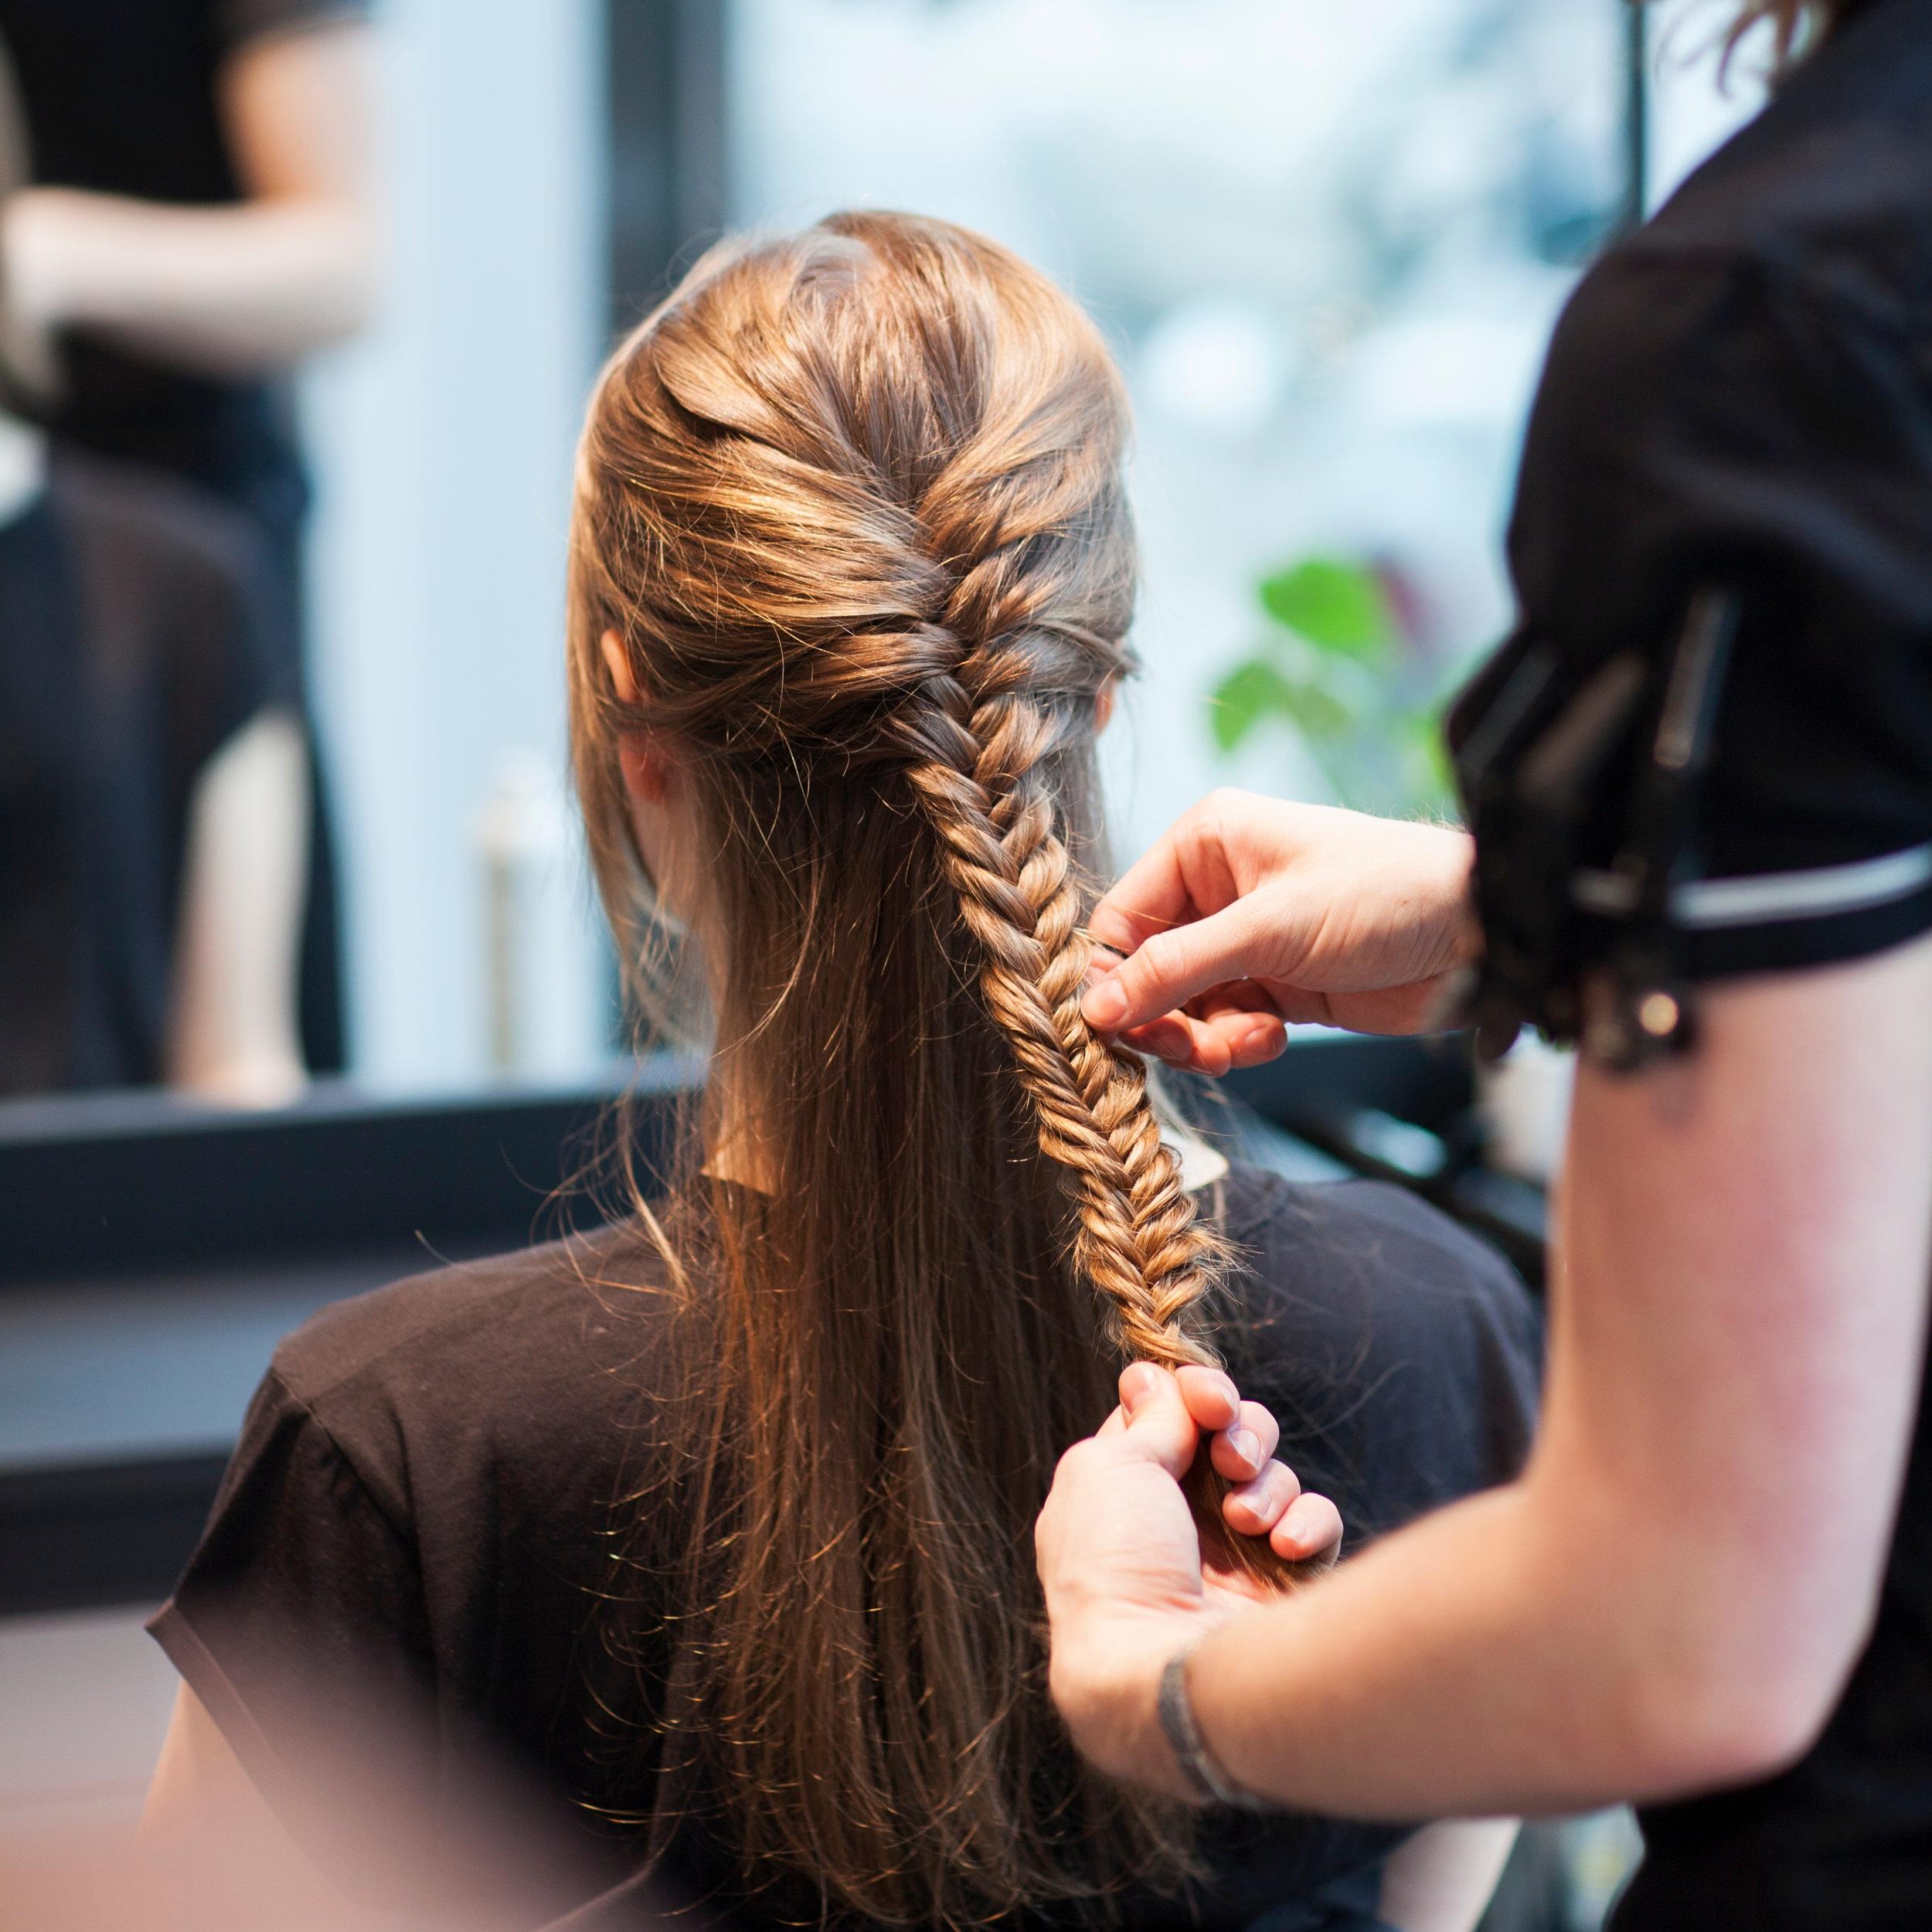 Hårstyling - Lær deg å lage fine hverdags- og festfrisyrer med Nikita Creative Team.Har du spørsmål angående hårpleie, styling eller hårprodukter, kan du sende dette i forkant til norge.live@egmont.com, så vil ekspertene gi deg svar på Kamille Weekend.